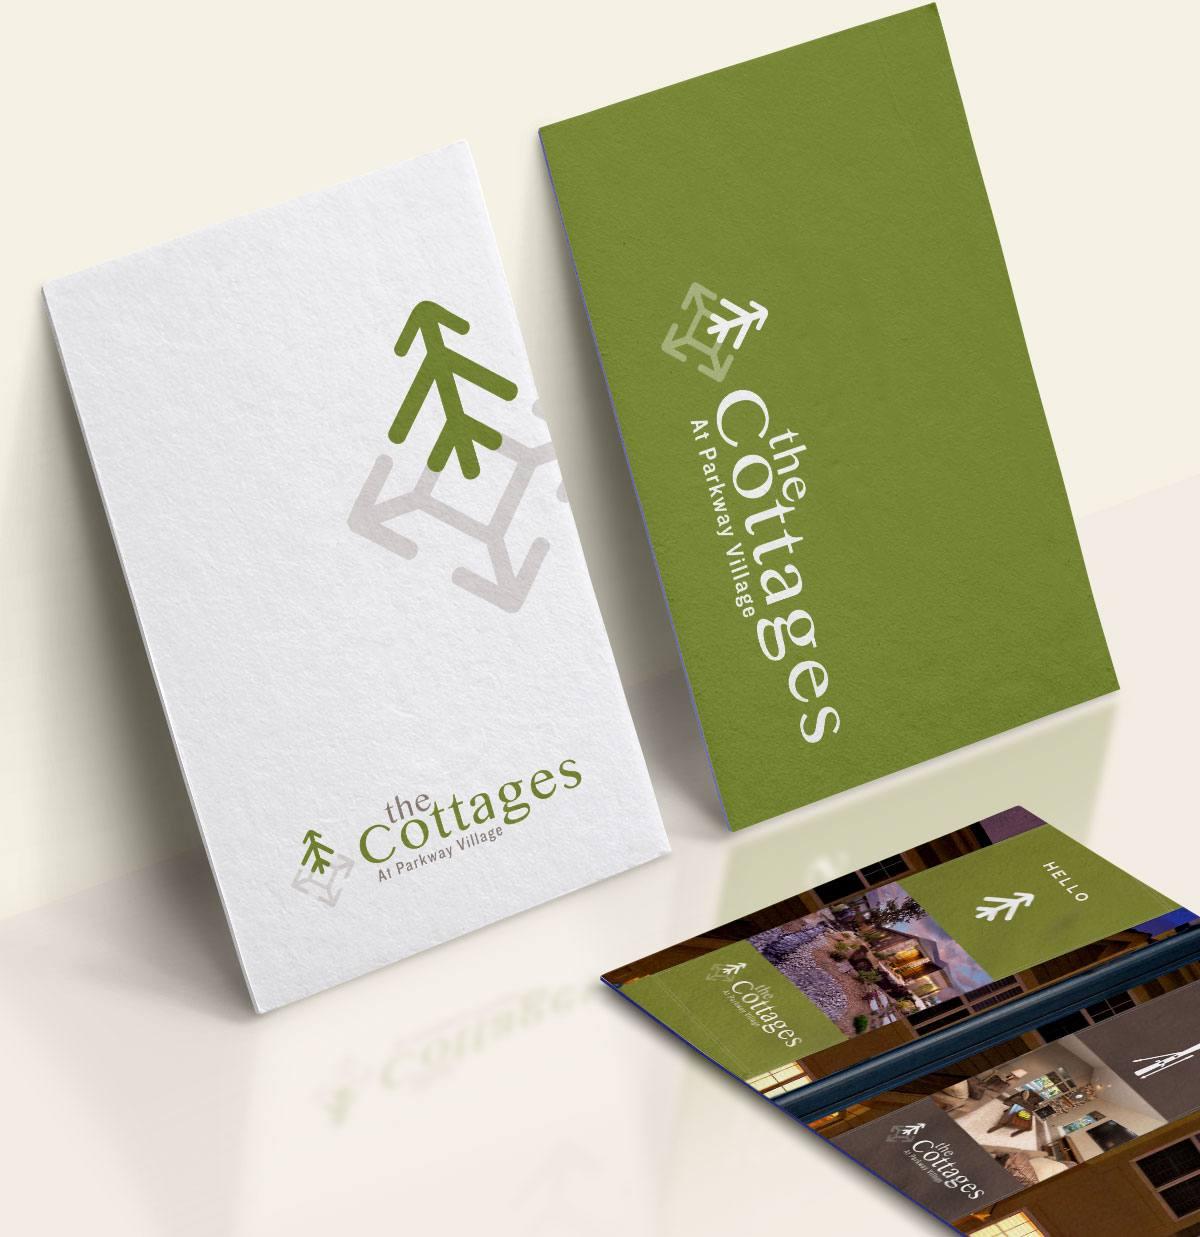 The-Cottages-logo-design